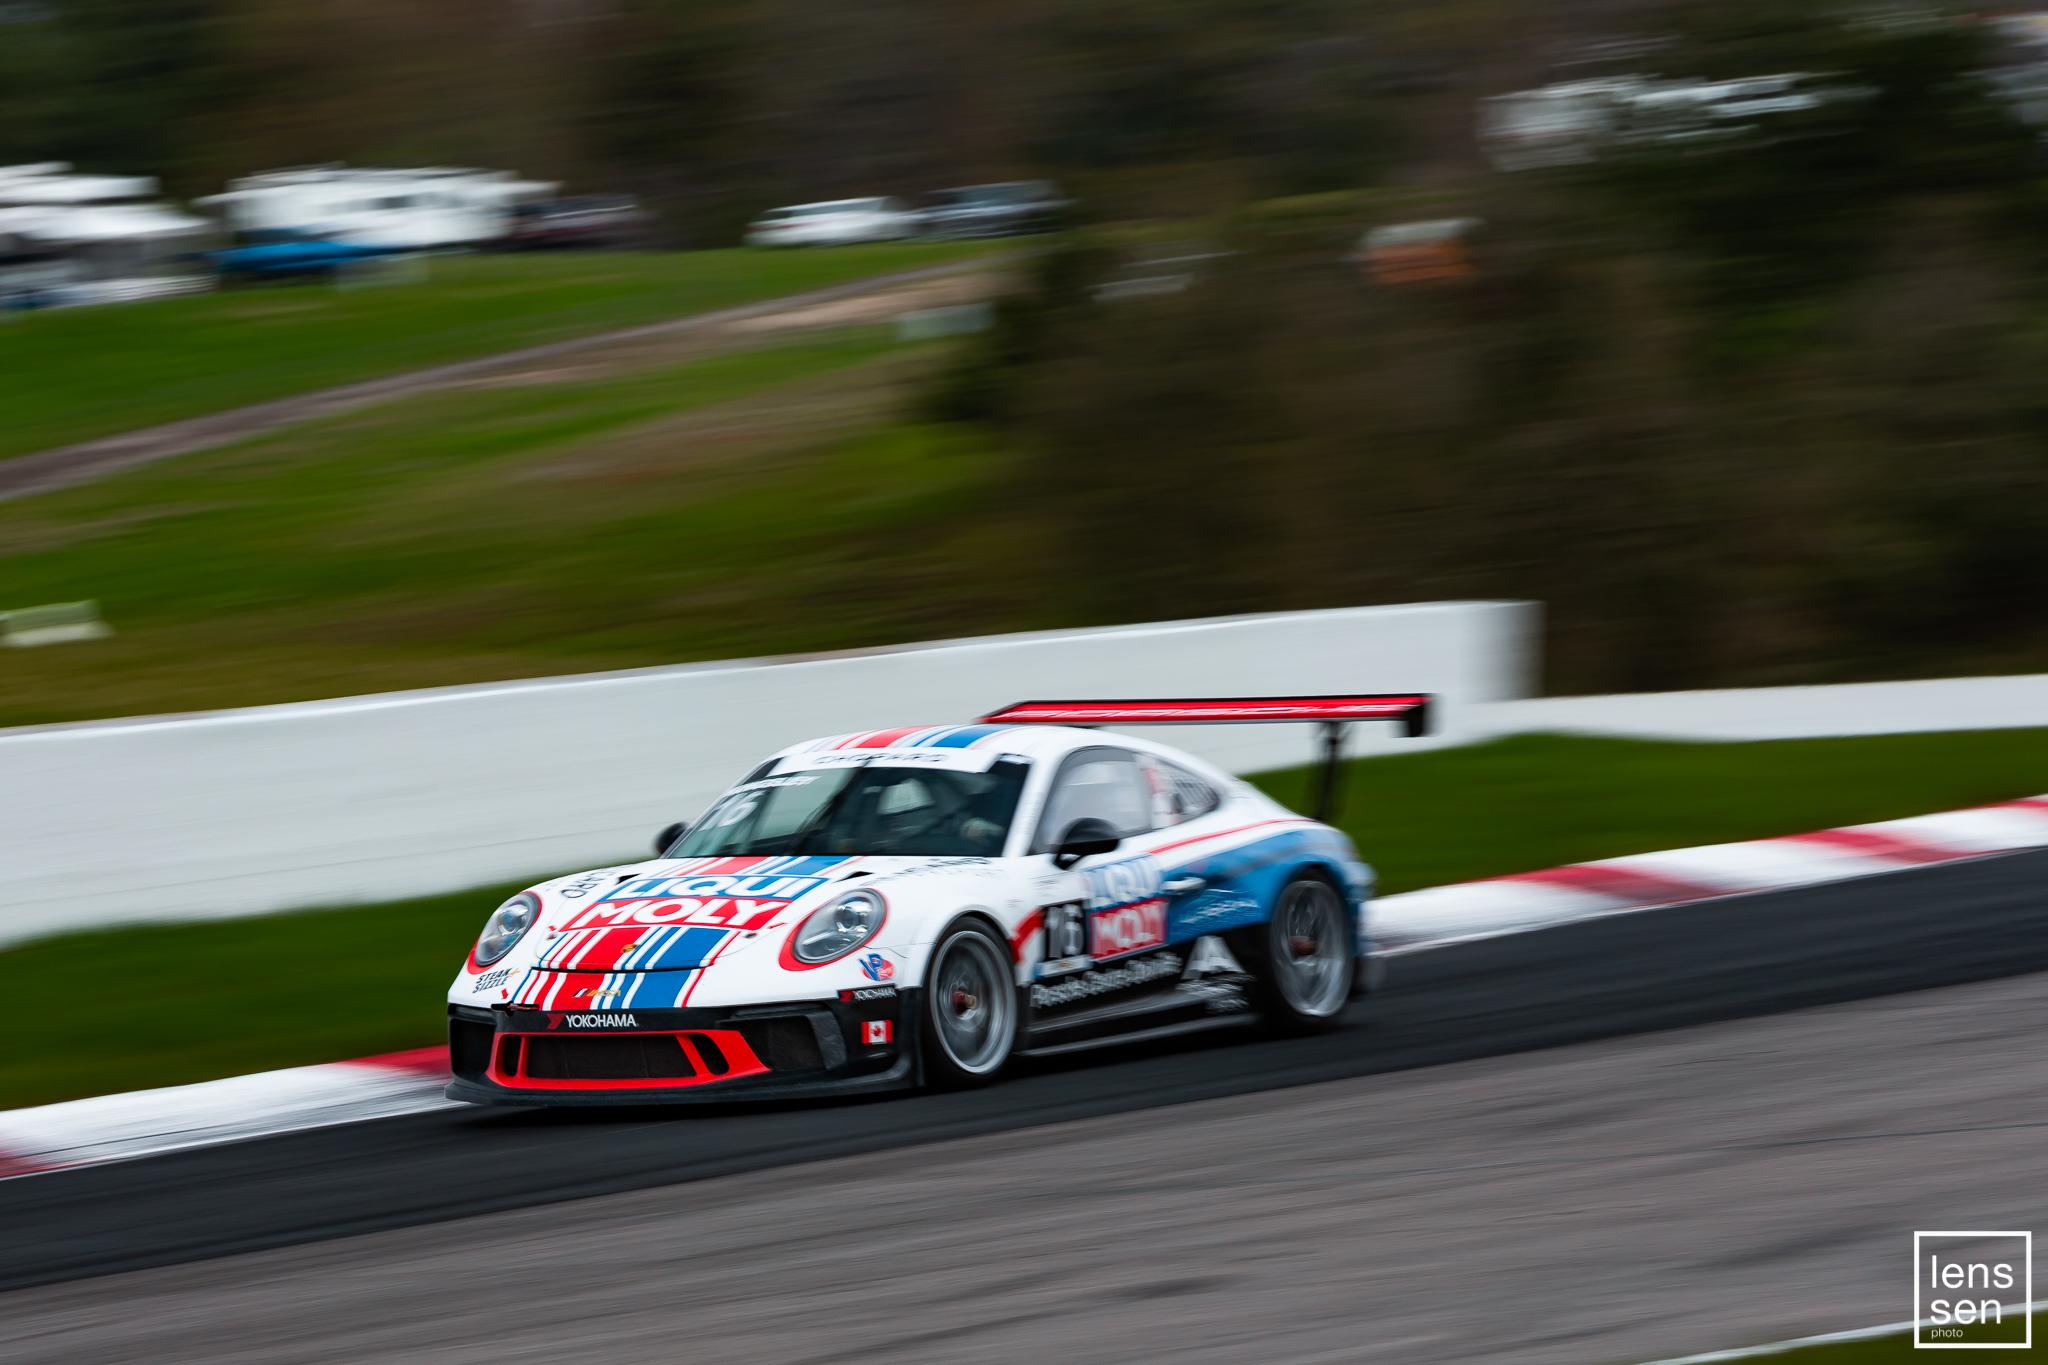 Porsche GT3 Cup Challenge Canada - 052019 - CTMP Mosport VDS 2019 - Lenssen Photo - 52 -7425.jpg